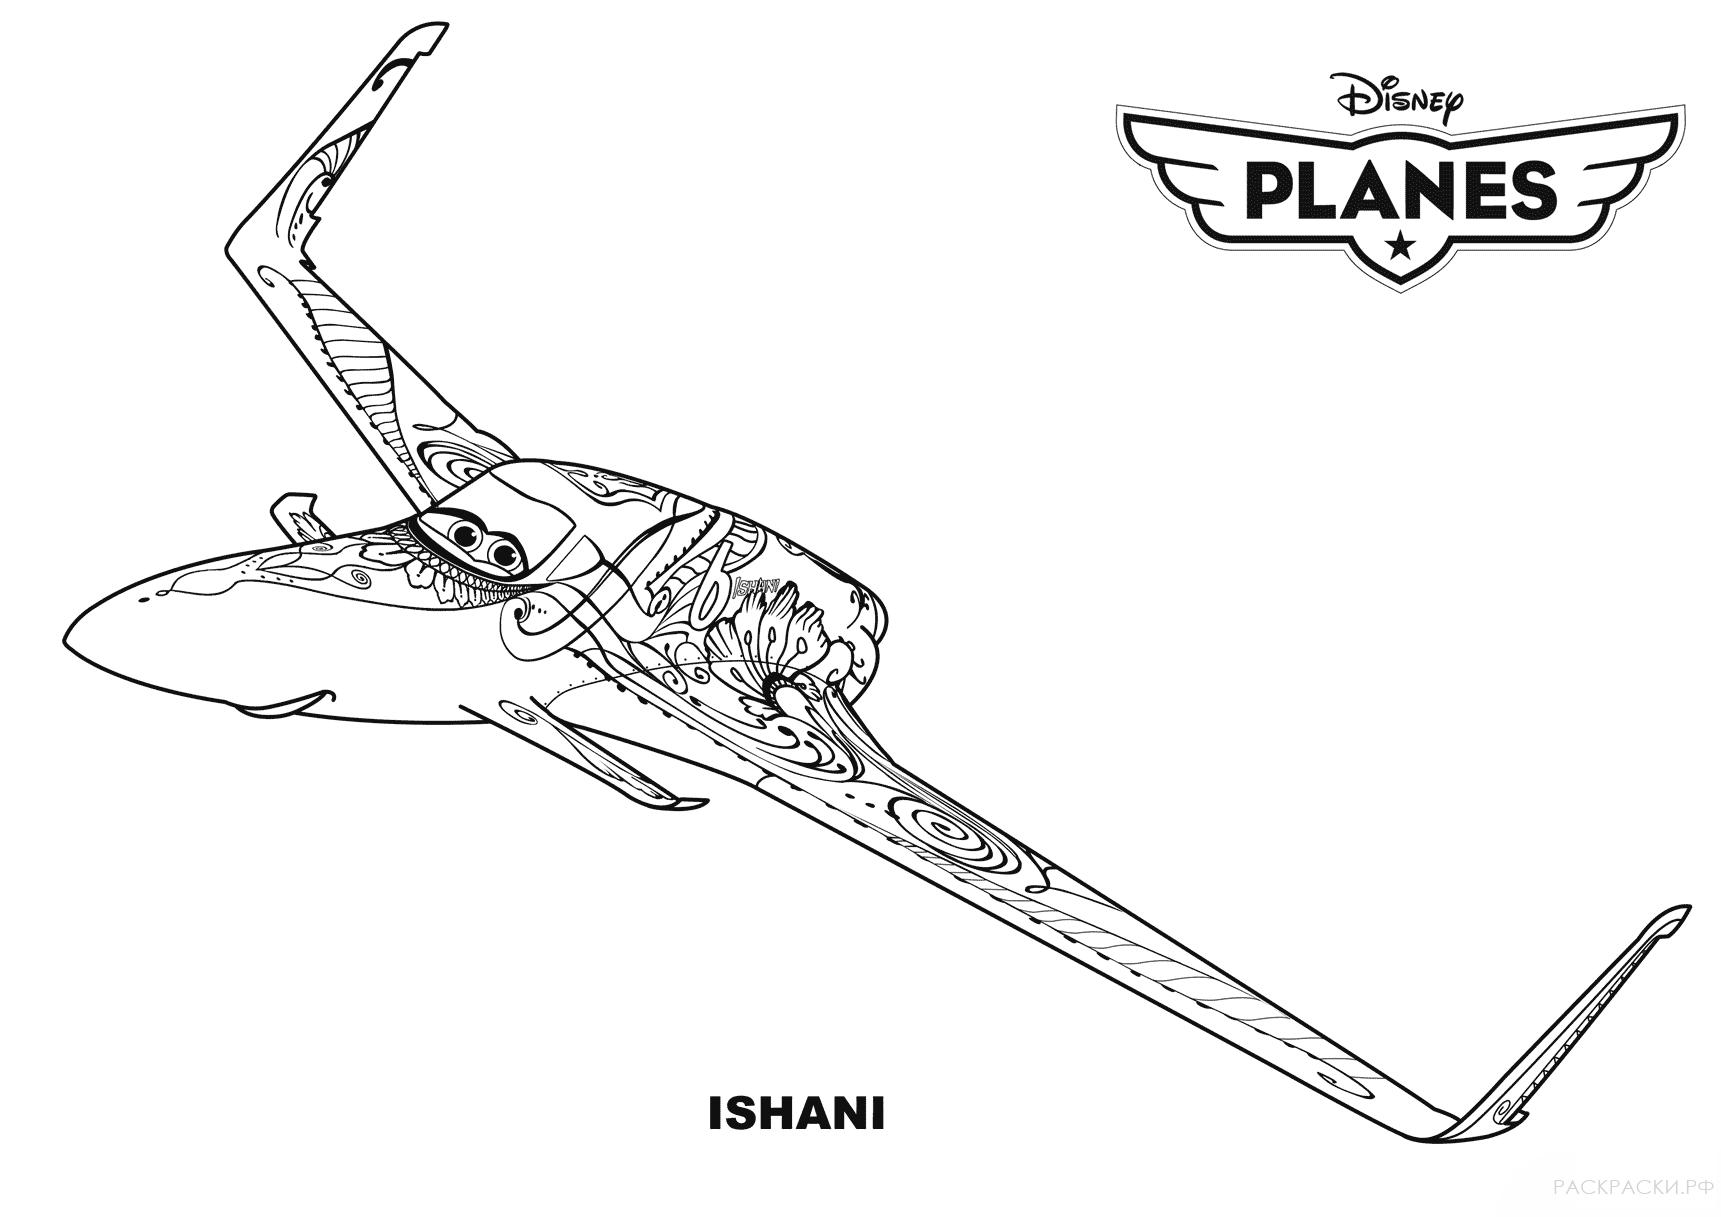 раскраска дисней самолёт ишани раскраски рф распечатать